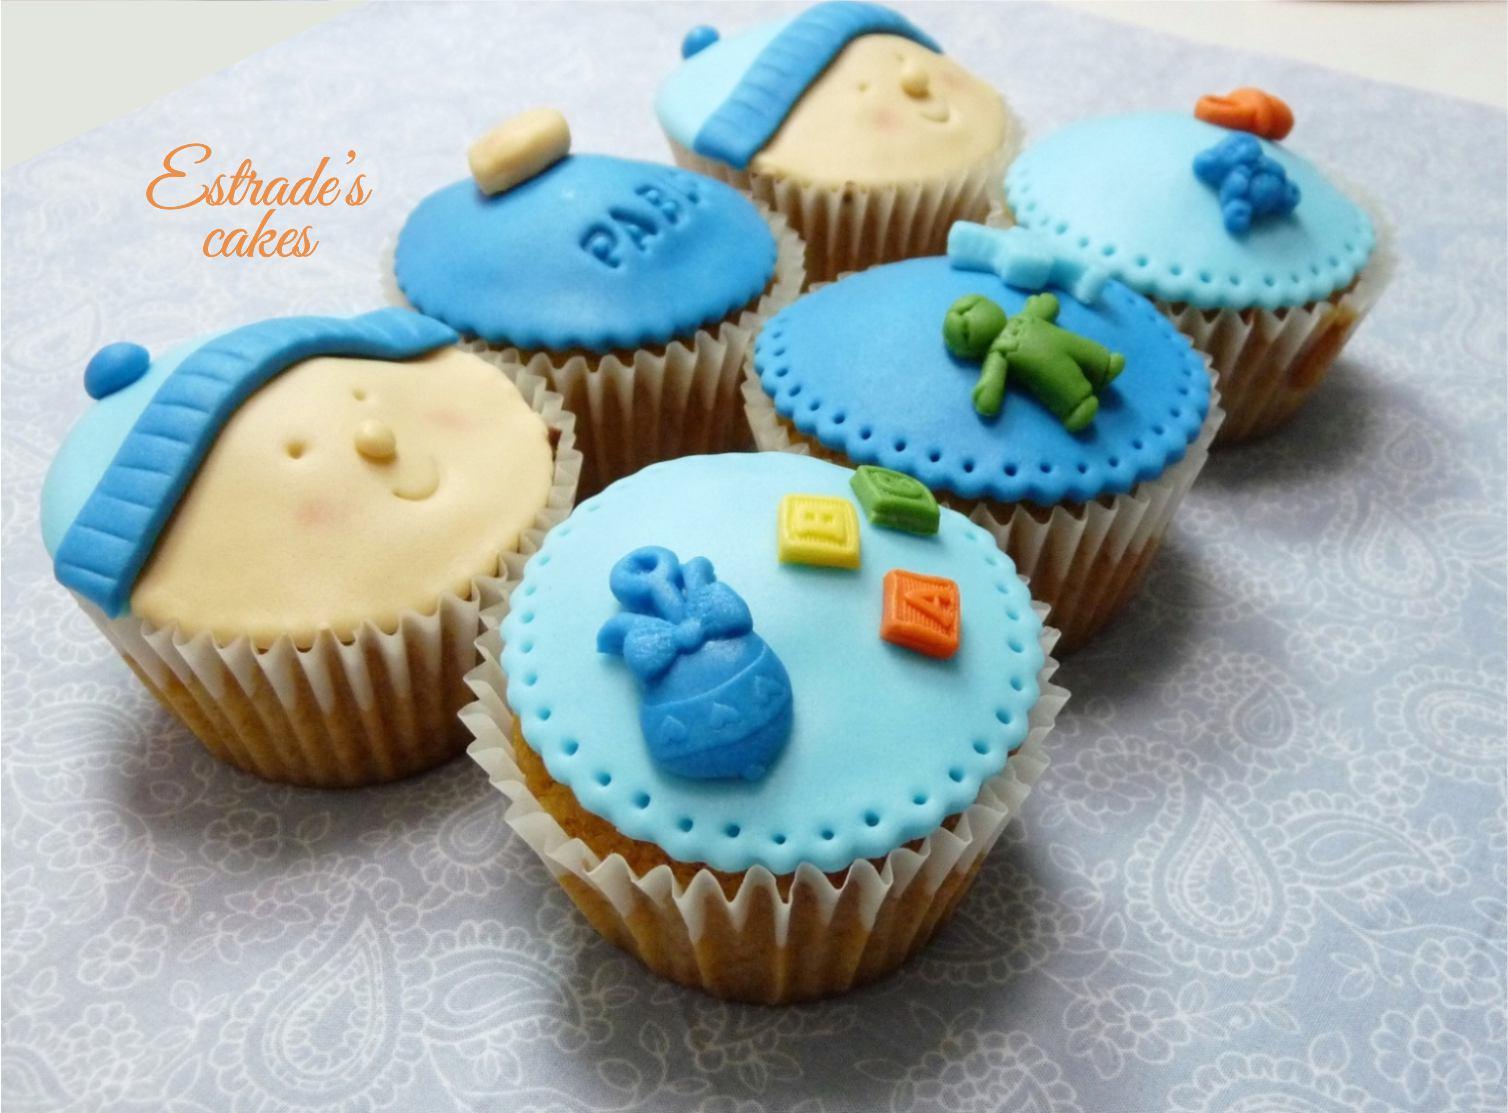 cupcakes para bebé con fondant 2 - 3